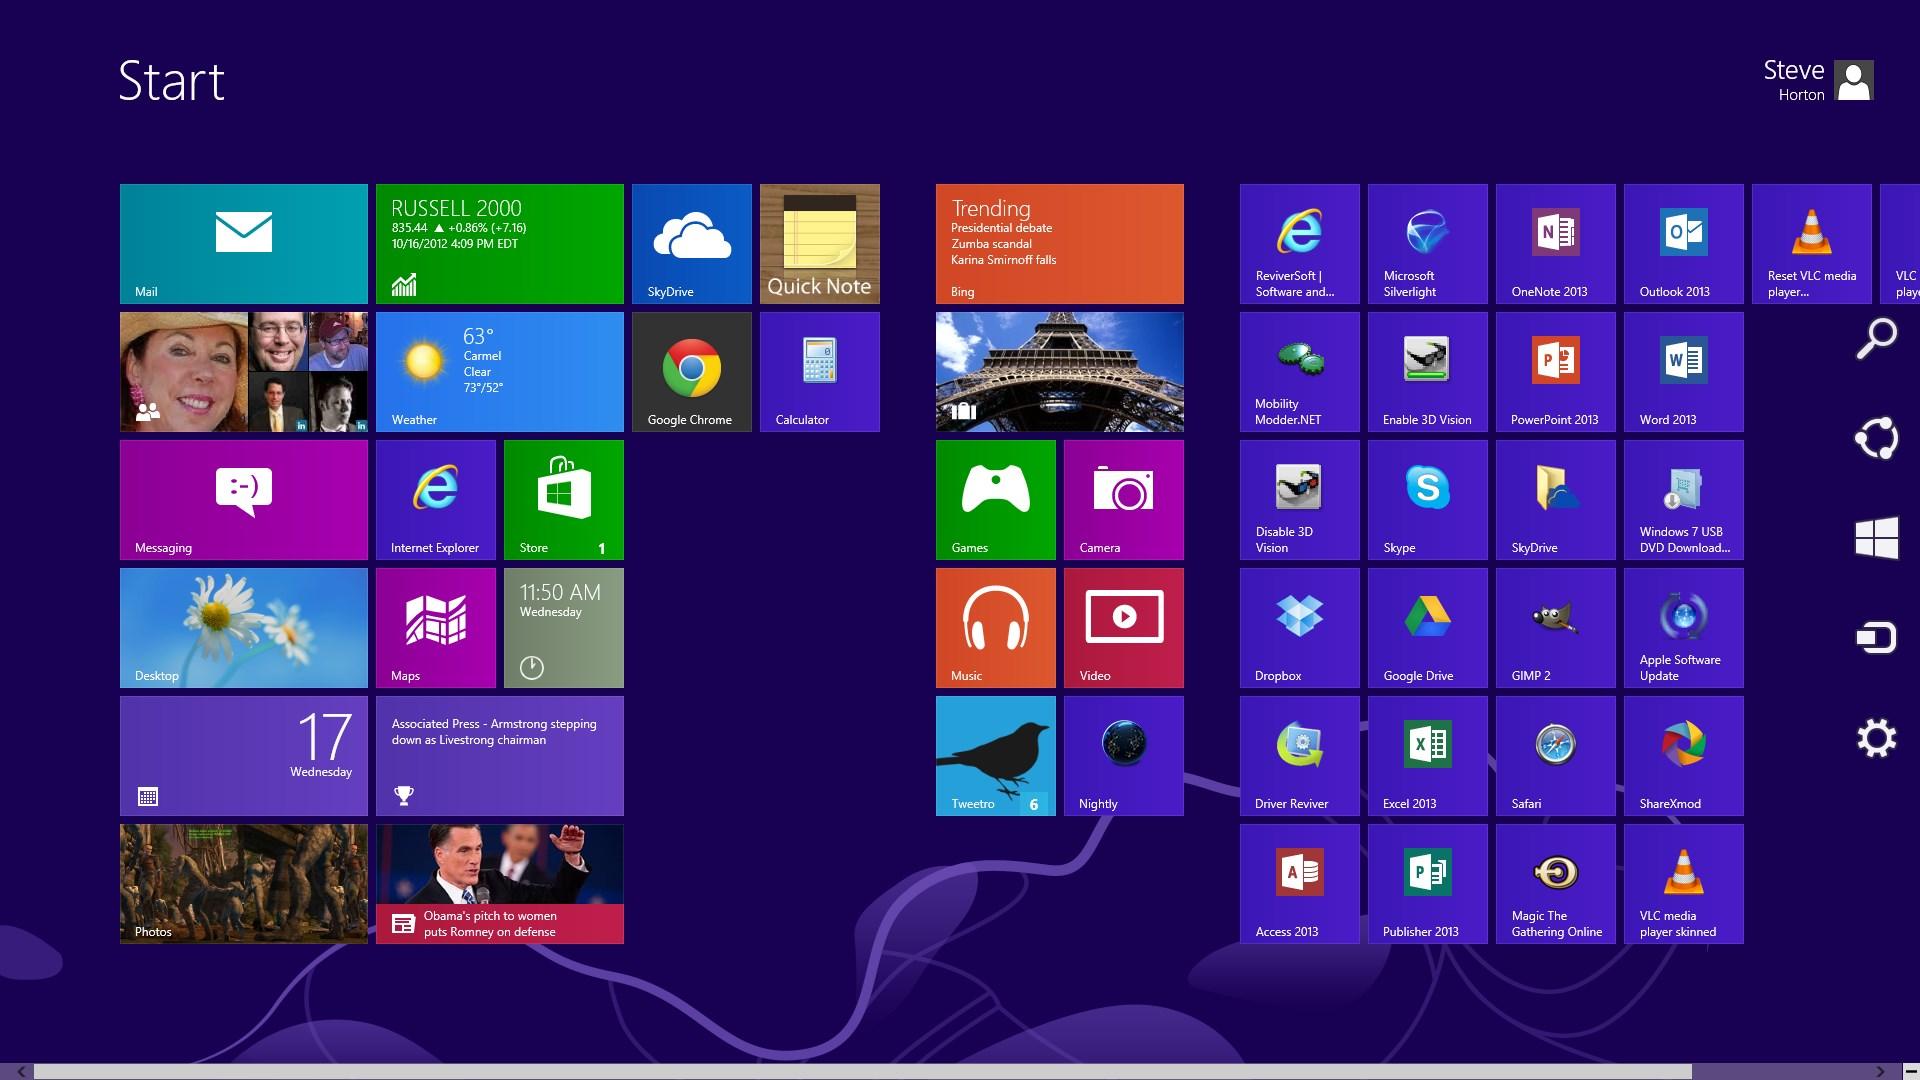 这些都是幽灵图标没有做任何事情.-管理Windows 8角和魅力酒吧